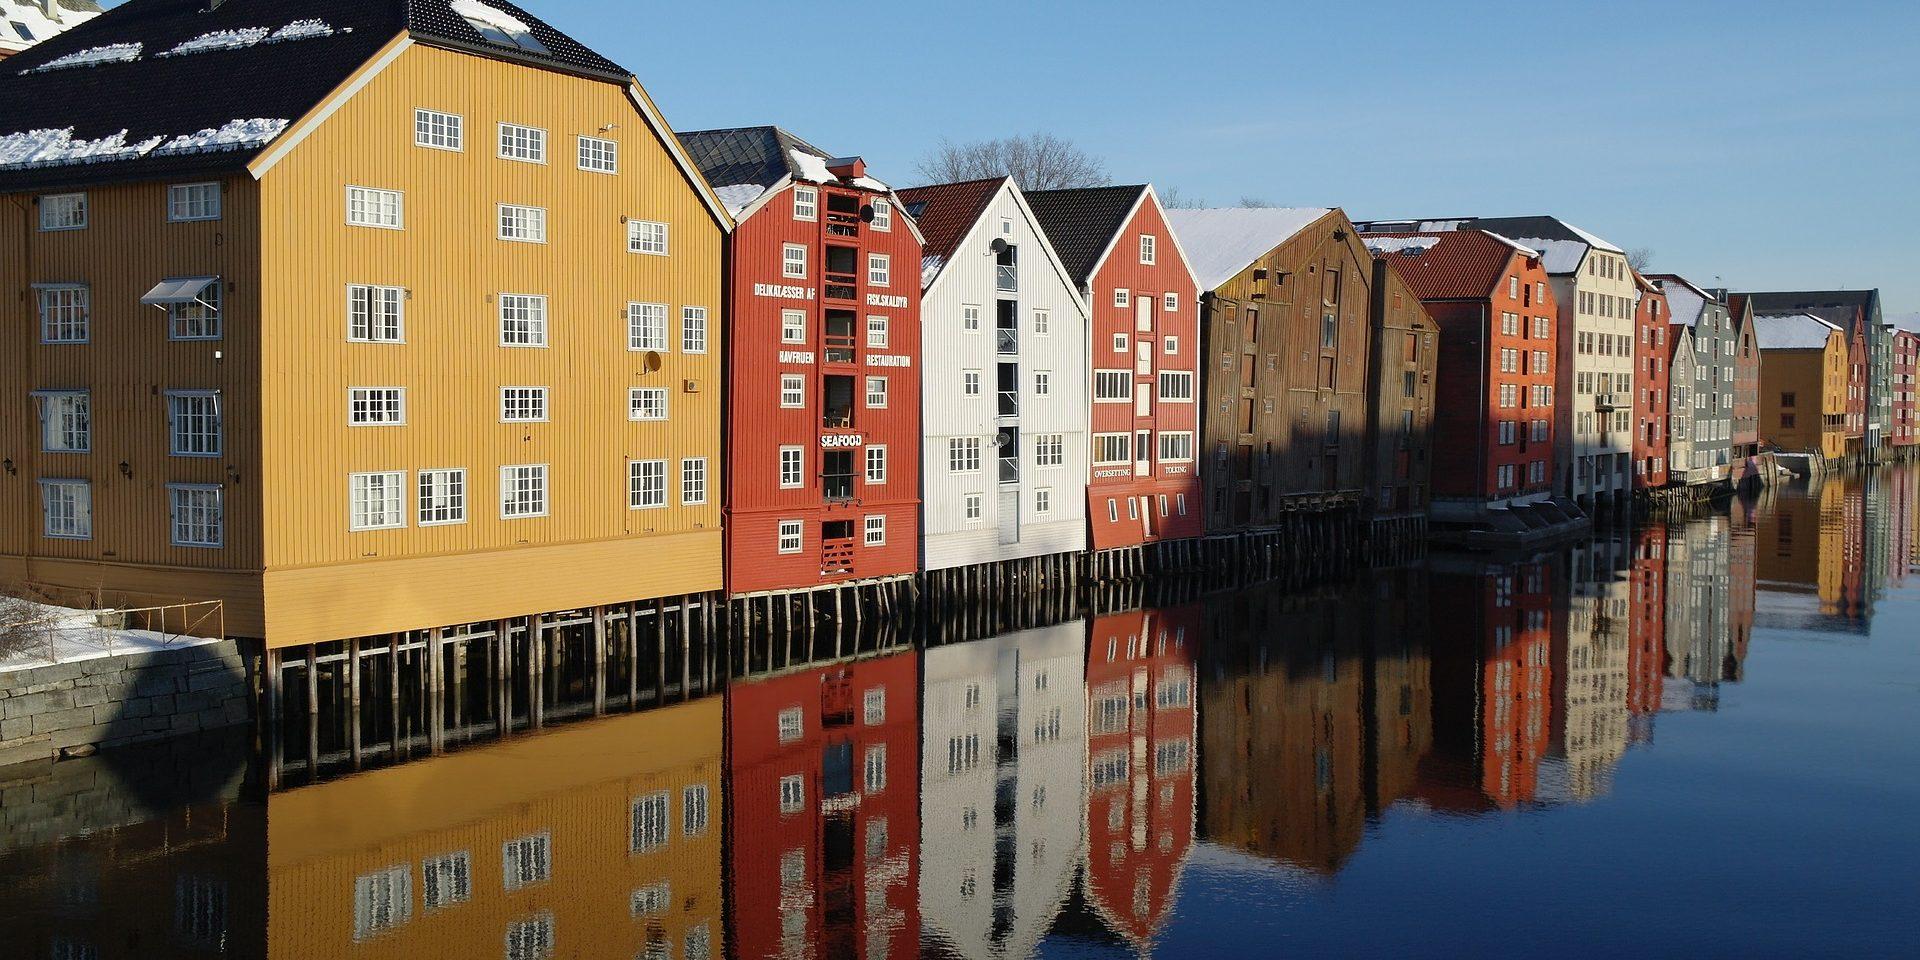 Vi utfører det meste av arbeidet i midt-norge - men har utført arbeid flere steder i landet.